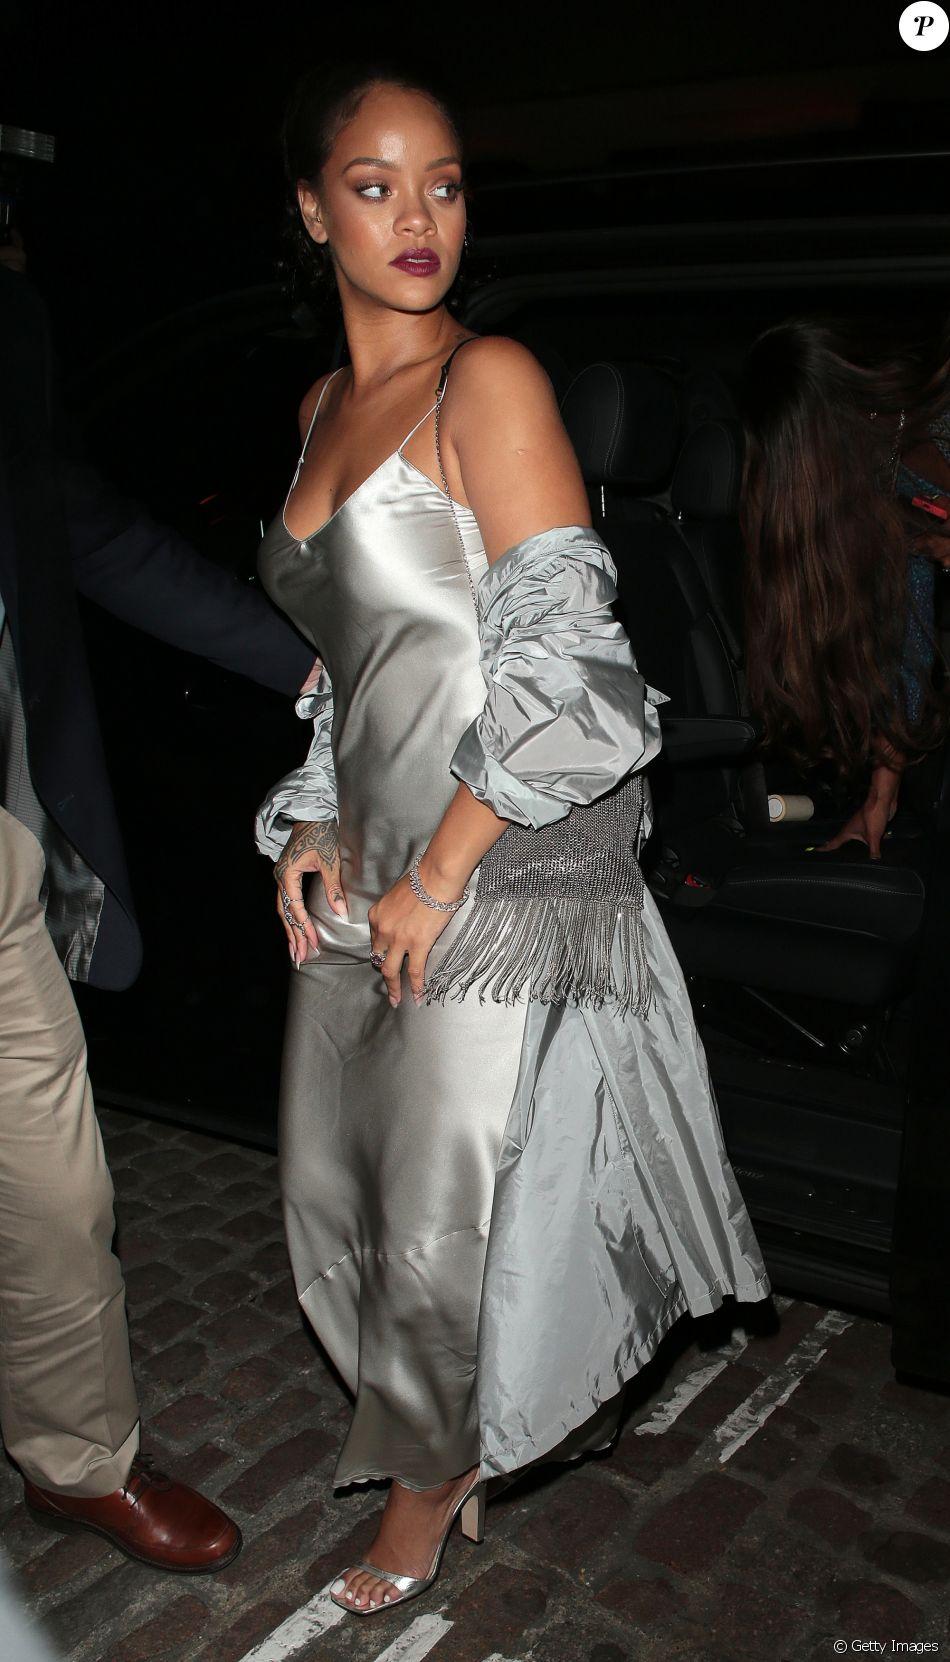 Rihanna se jogou na tendência do slip dress, ou vestido camisola, para sair em Londres nesta segunda-feira, 24 de julho de 2017